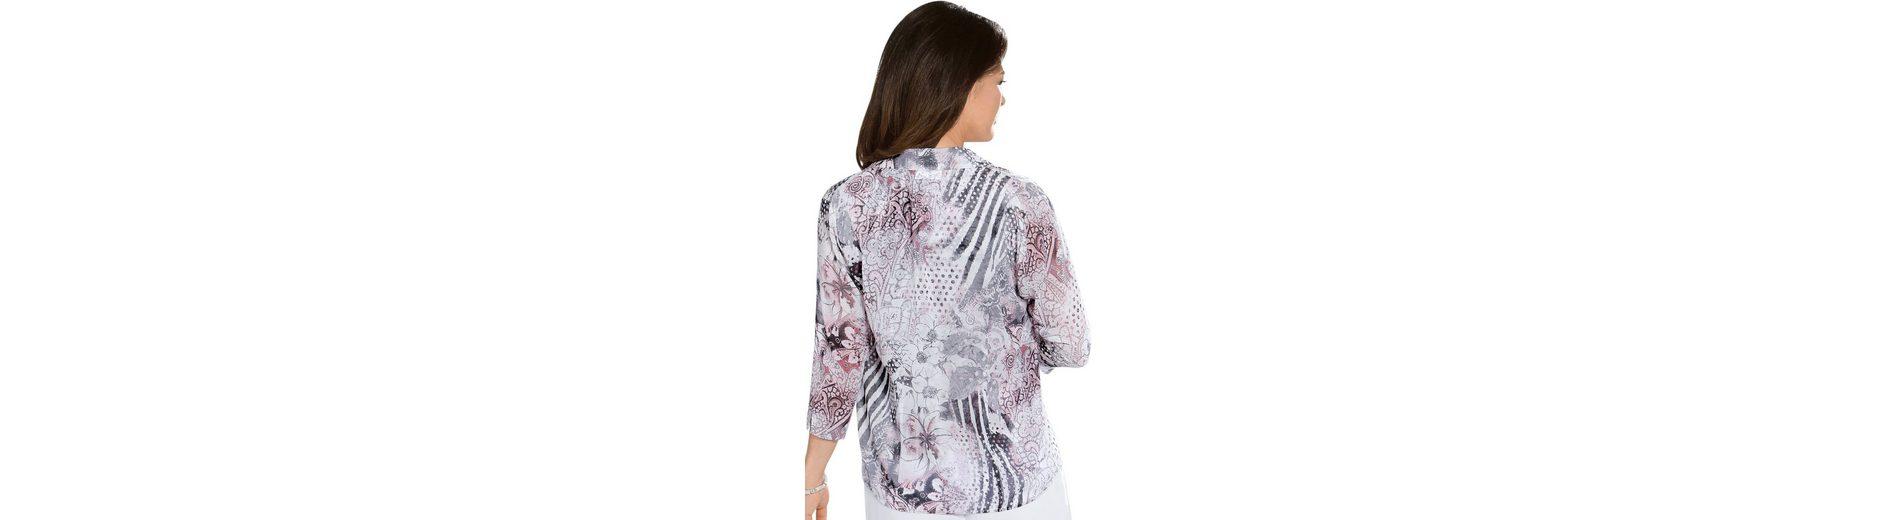 Classic Basics Bluse mit offenem Hemdkragen Freies Verschiffen Exklusiv Angebot B9YuYx